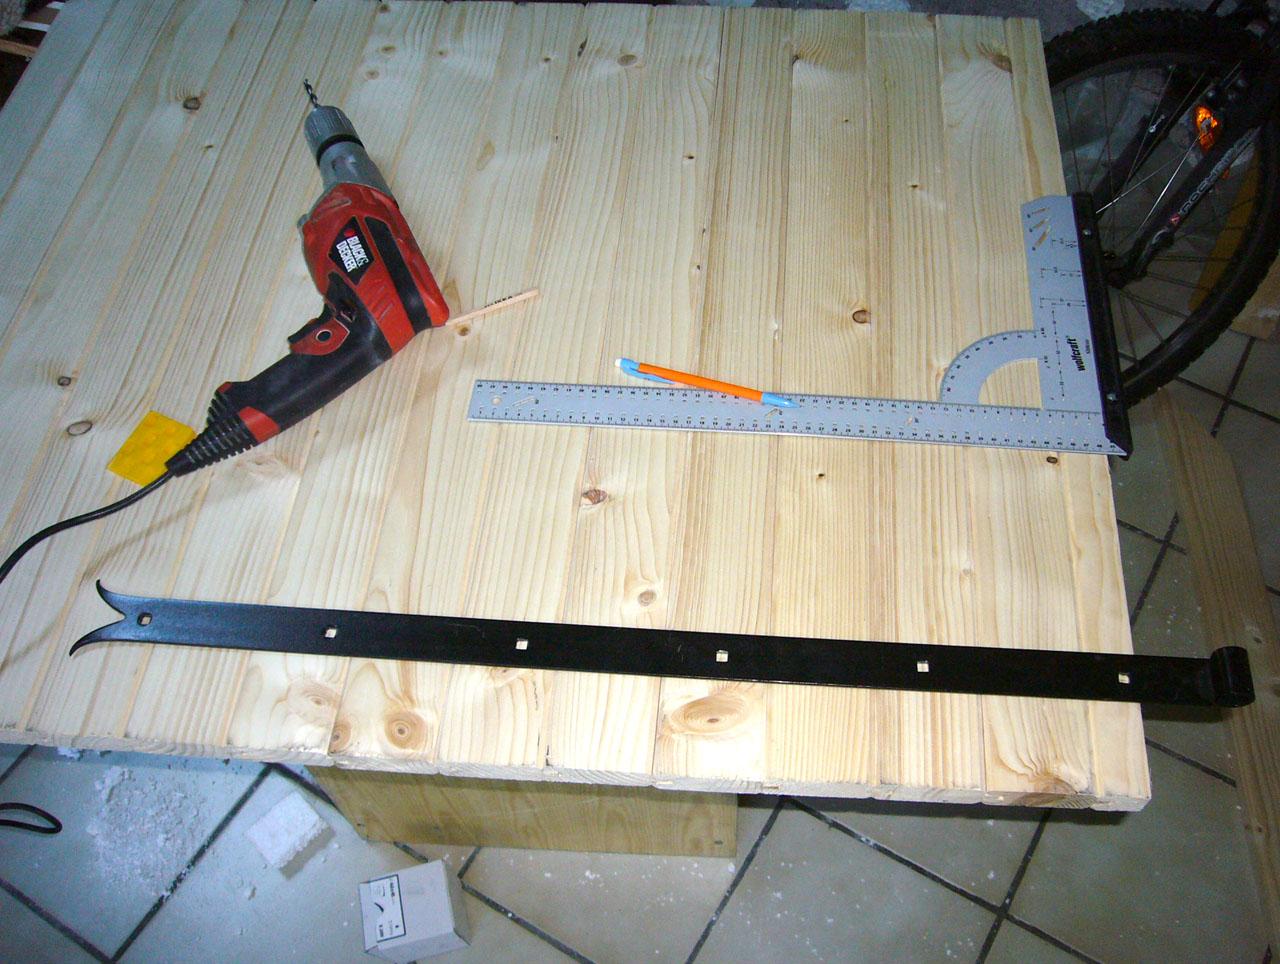 Comment faire un volet en bois ancien volet roulant bois avec attache tablier with comment - Fabriquer un caisson en bois ...